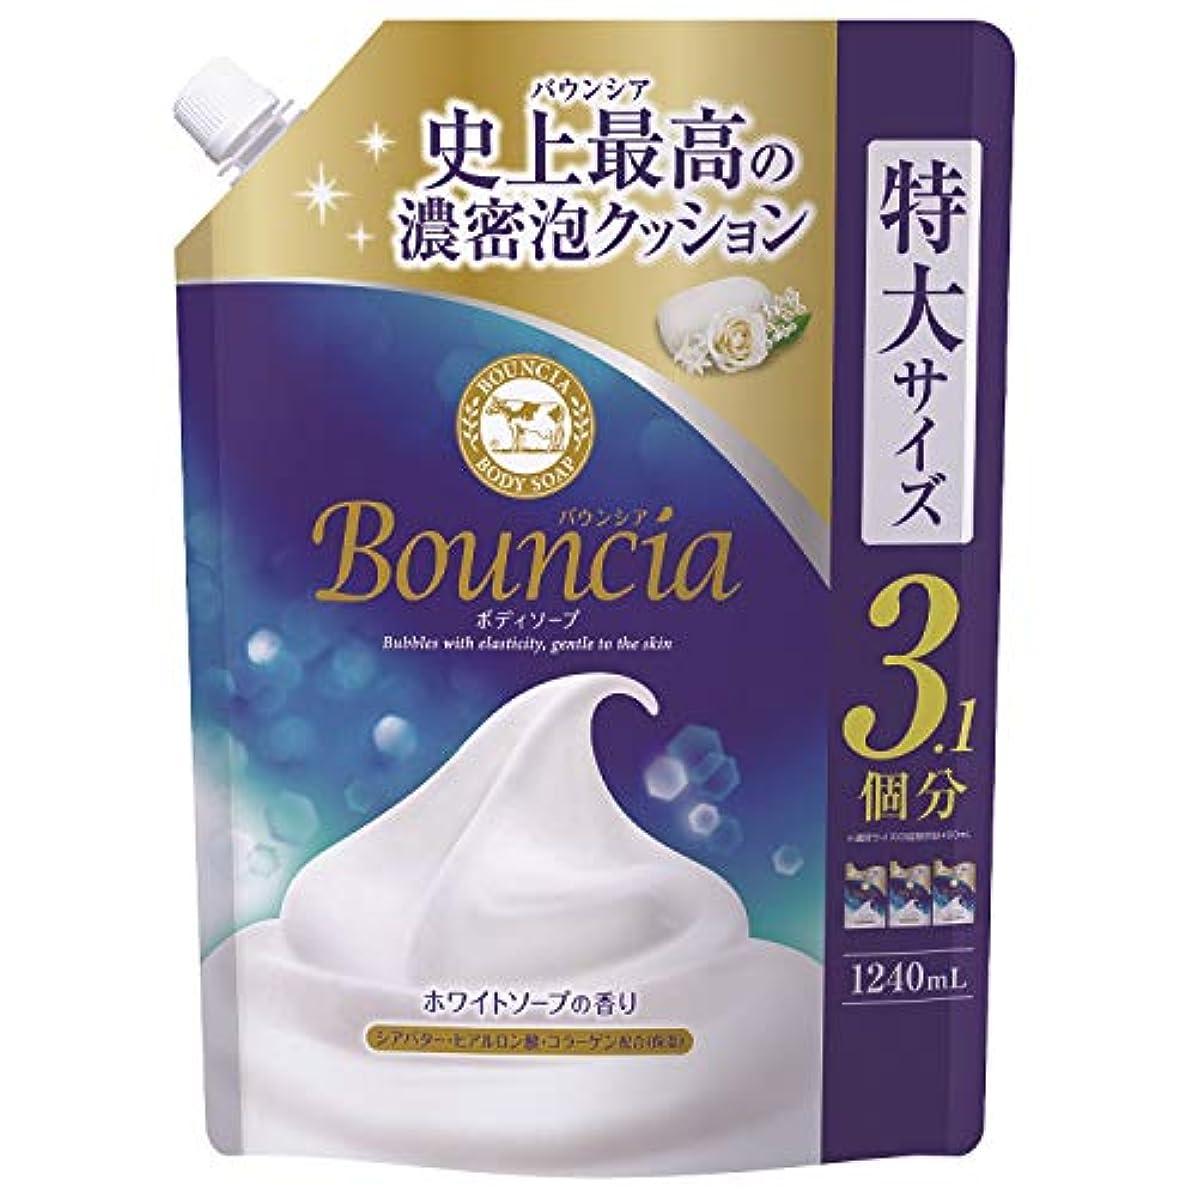 スチュワード喉頭赤ちゃん【大容量】バウンシアボディソープ 詰替用1240mL